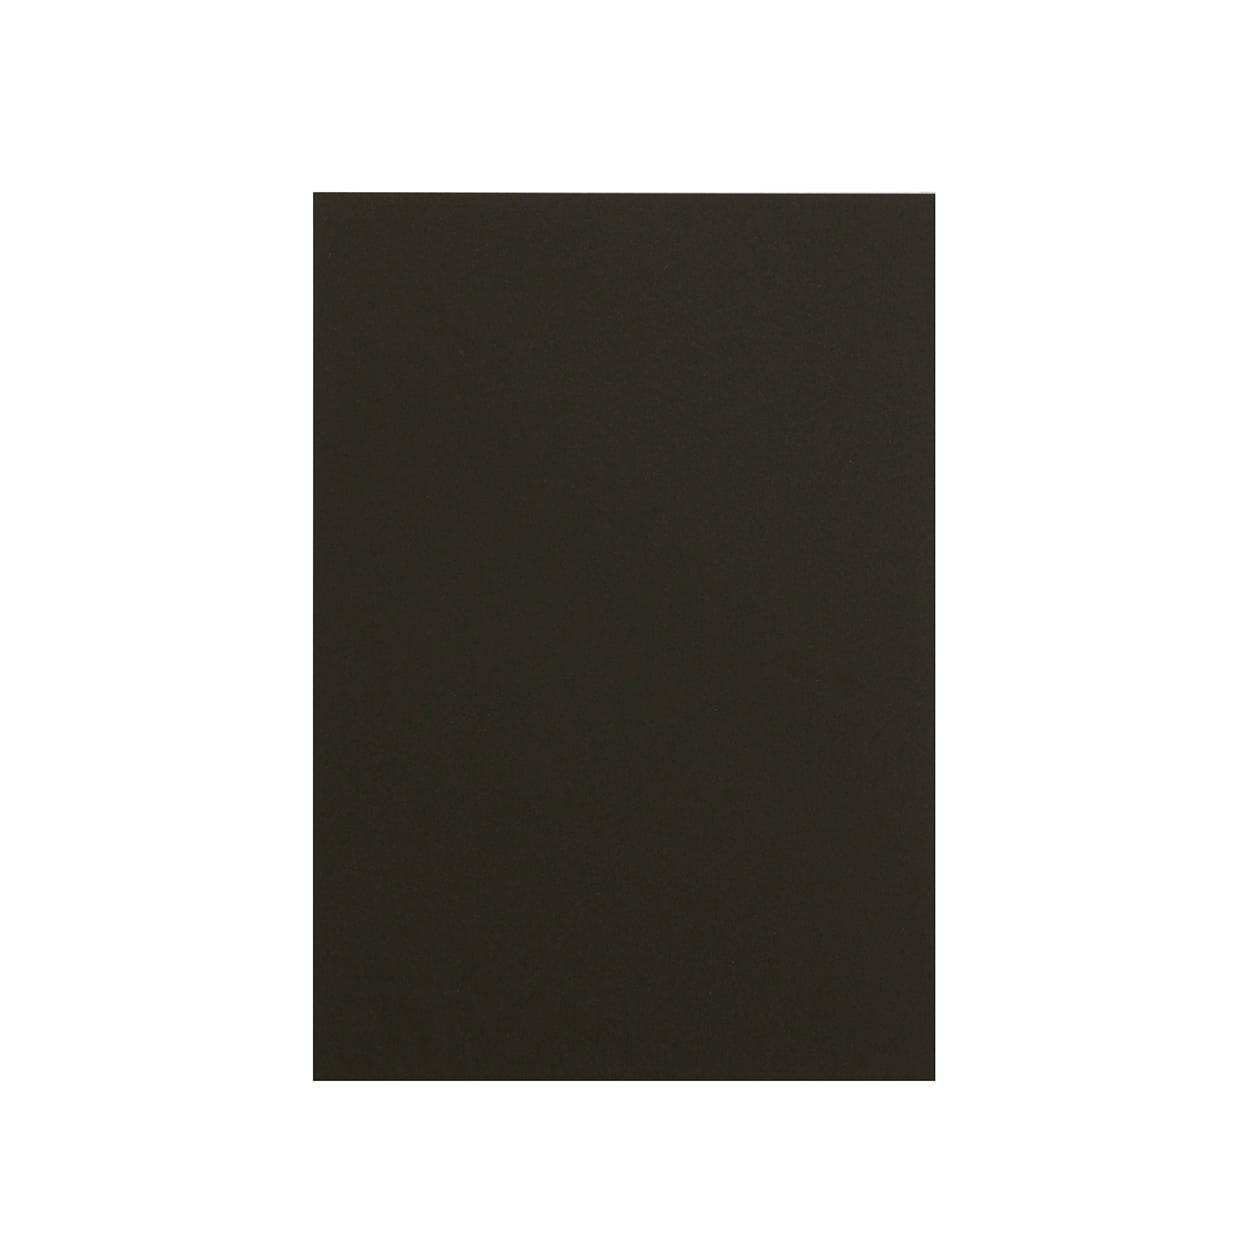 A5カード ボード紙 ブラック 464g